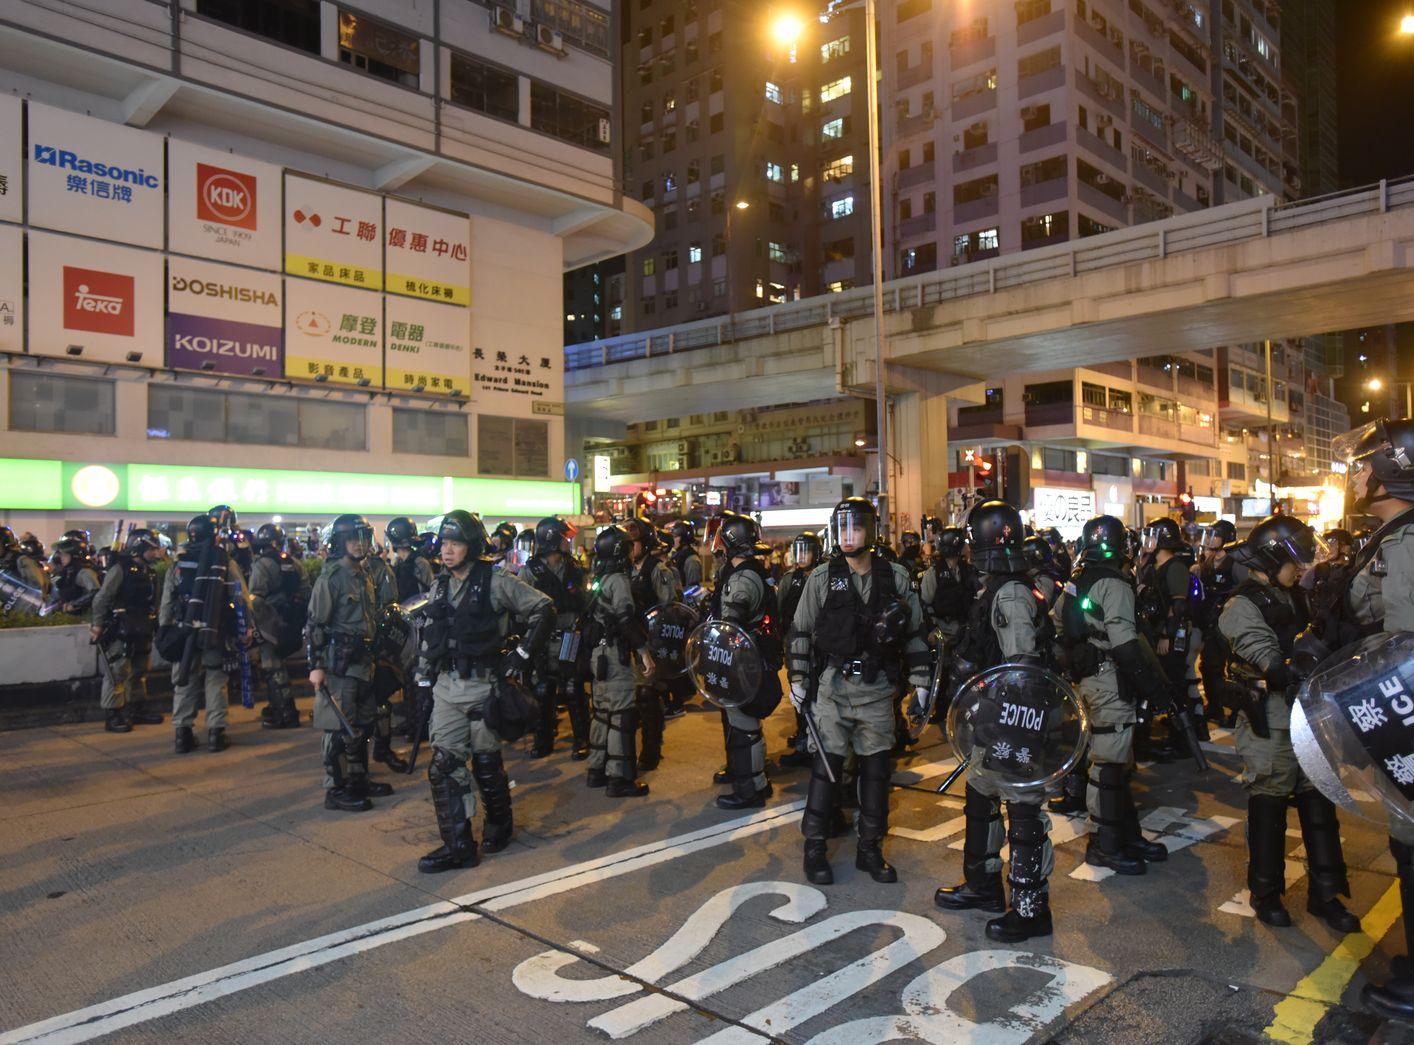 江永祥重申警方的拘捕準則是不考慮身份及政見。資料圖片